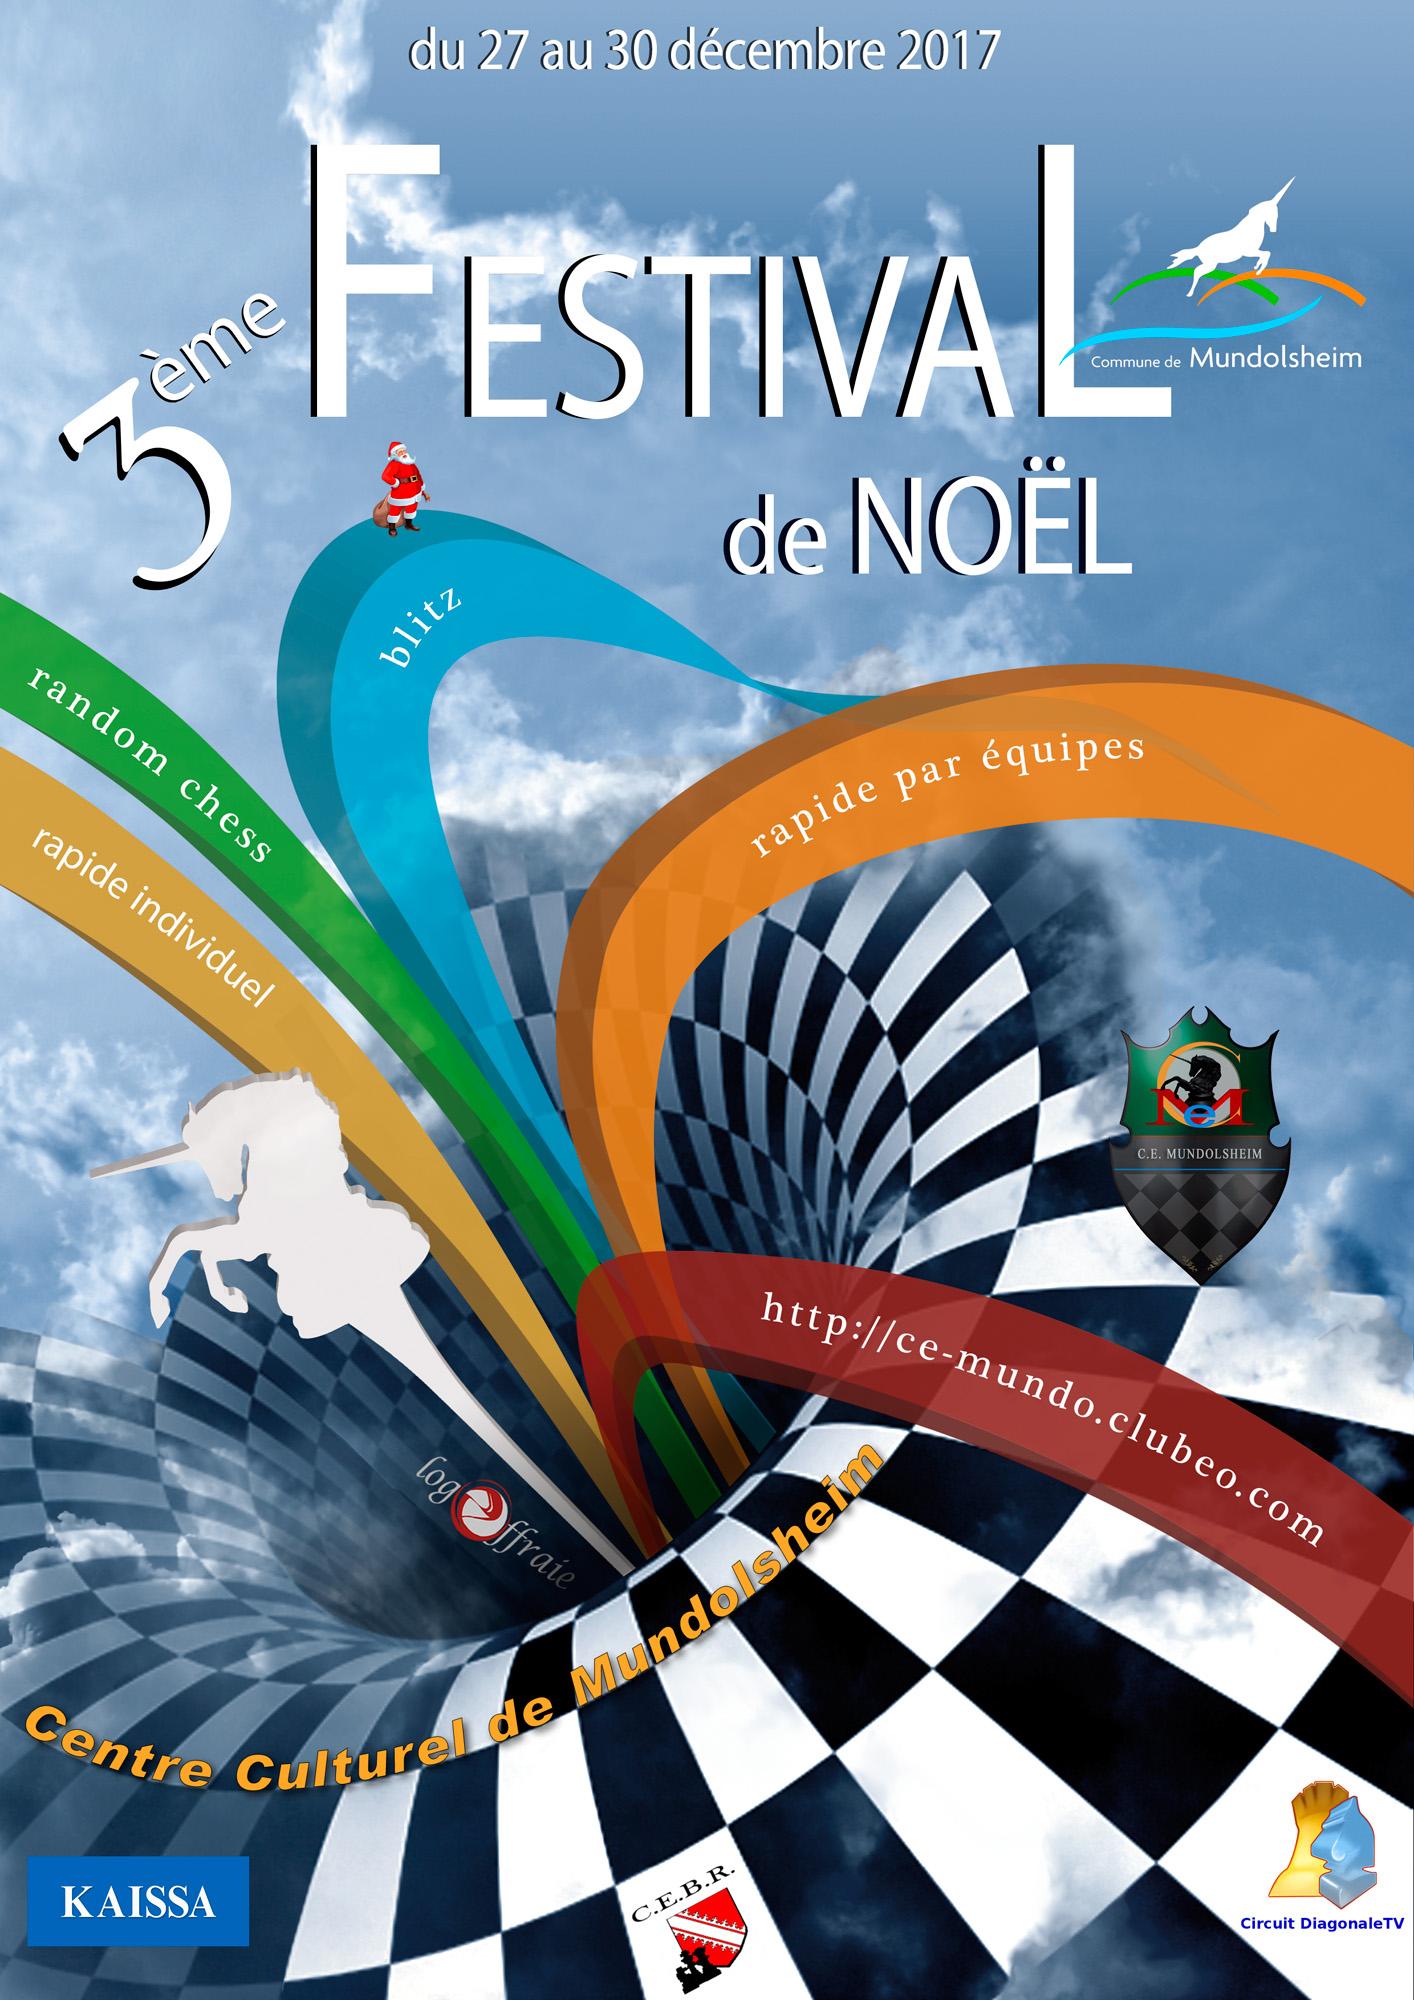 Festival-2017.jpg